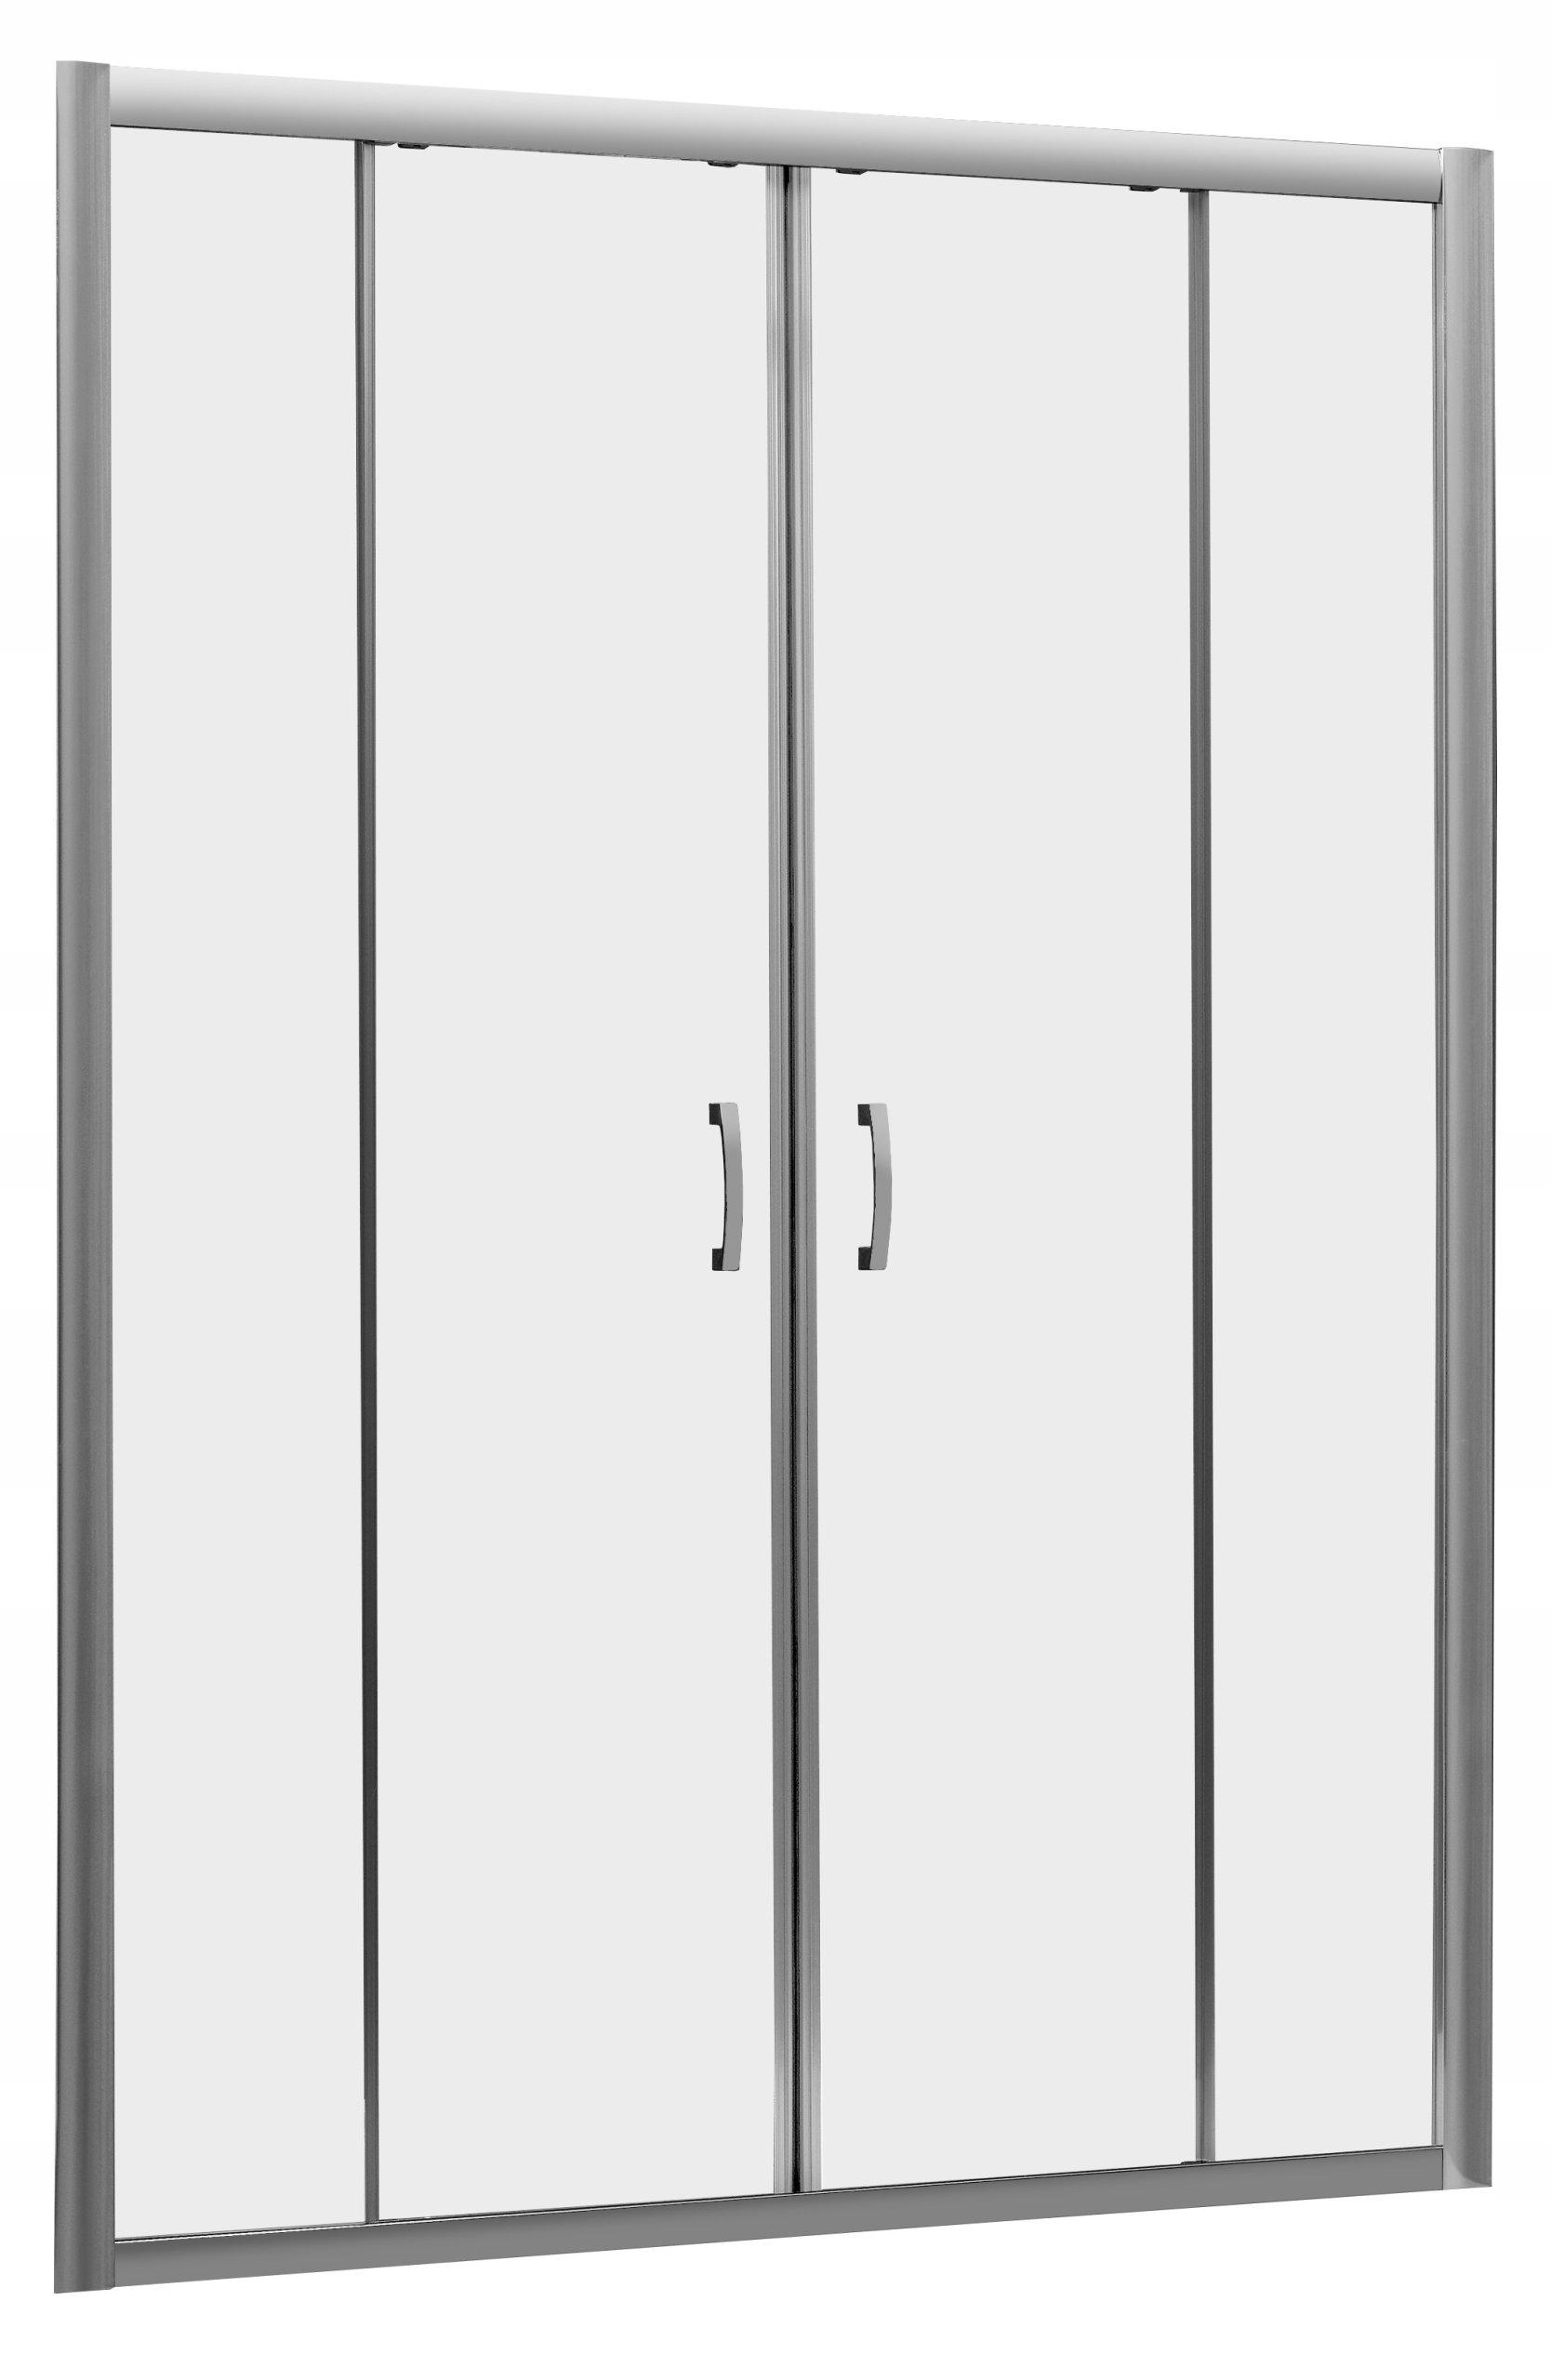 Sprchové dvere Premium Plus DWD 160 RADAWAY